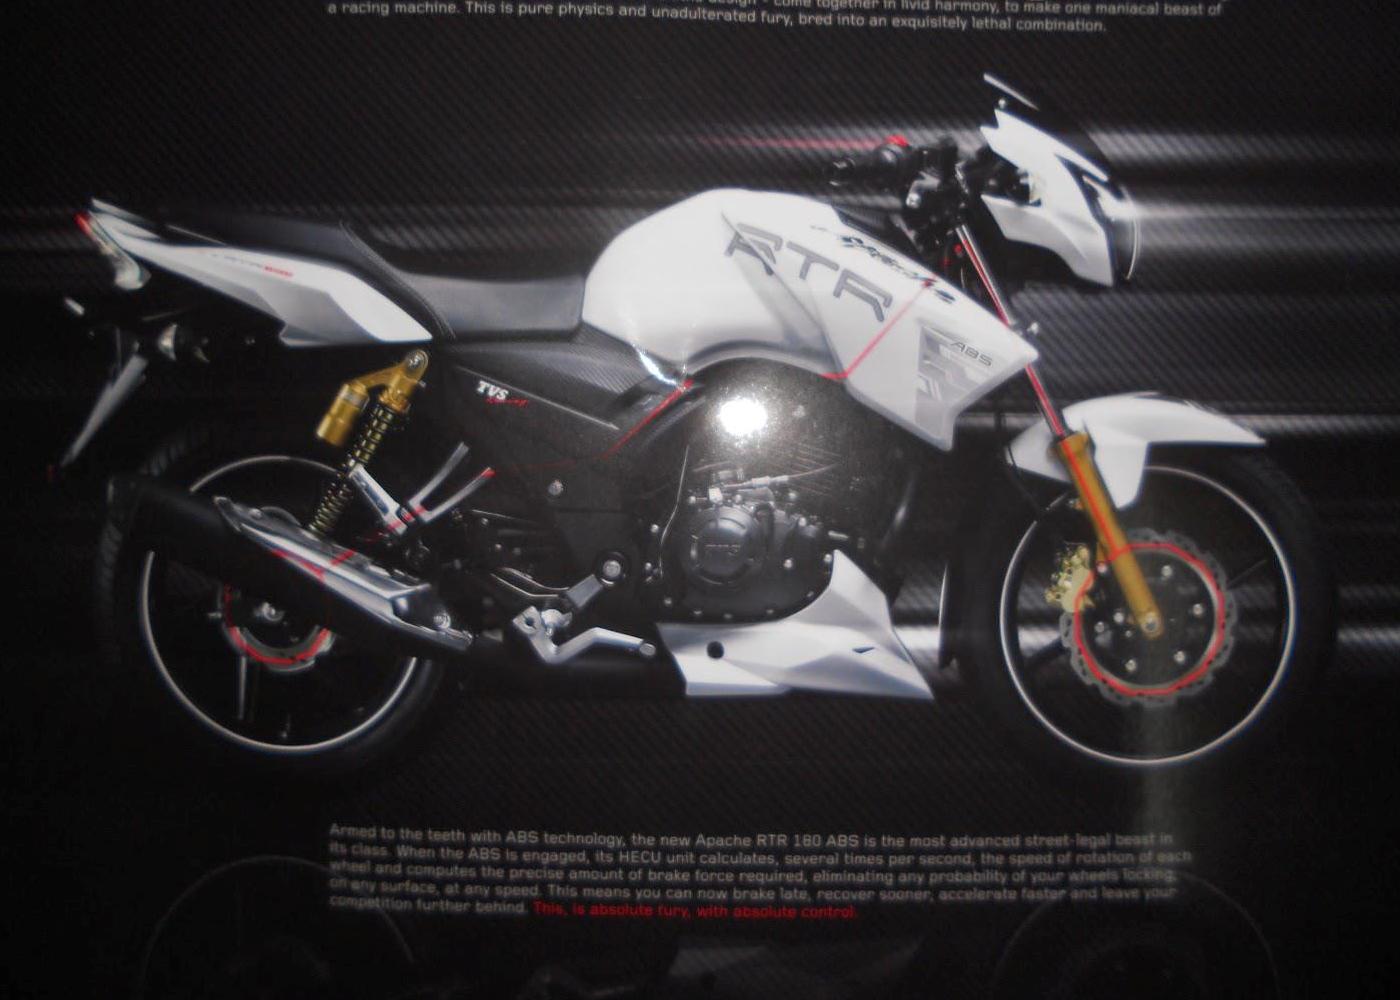 http://1.bp.blogspot.com/-nJ8jVGqZVqY/T5Ie69hBBlI/AAAAAAAAKUA/2LNxvh16msg/s1600/2012-TVS-Apache-RTR-180-ABS-01.jpg